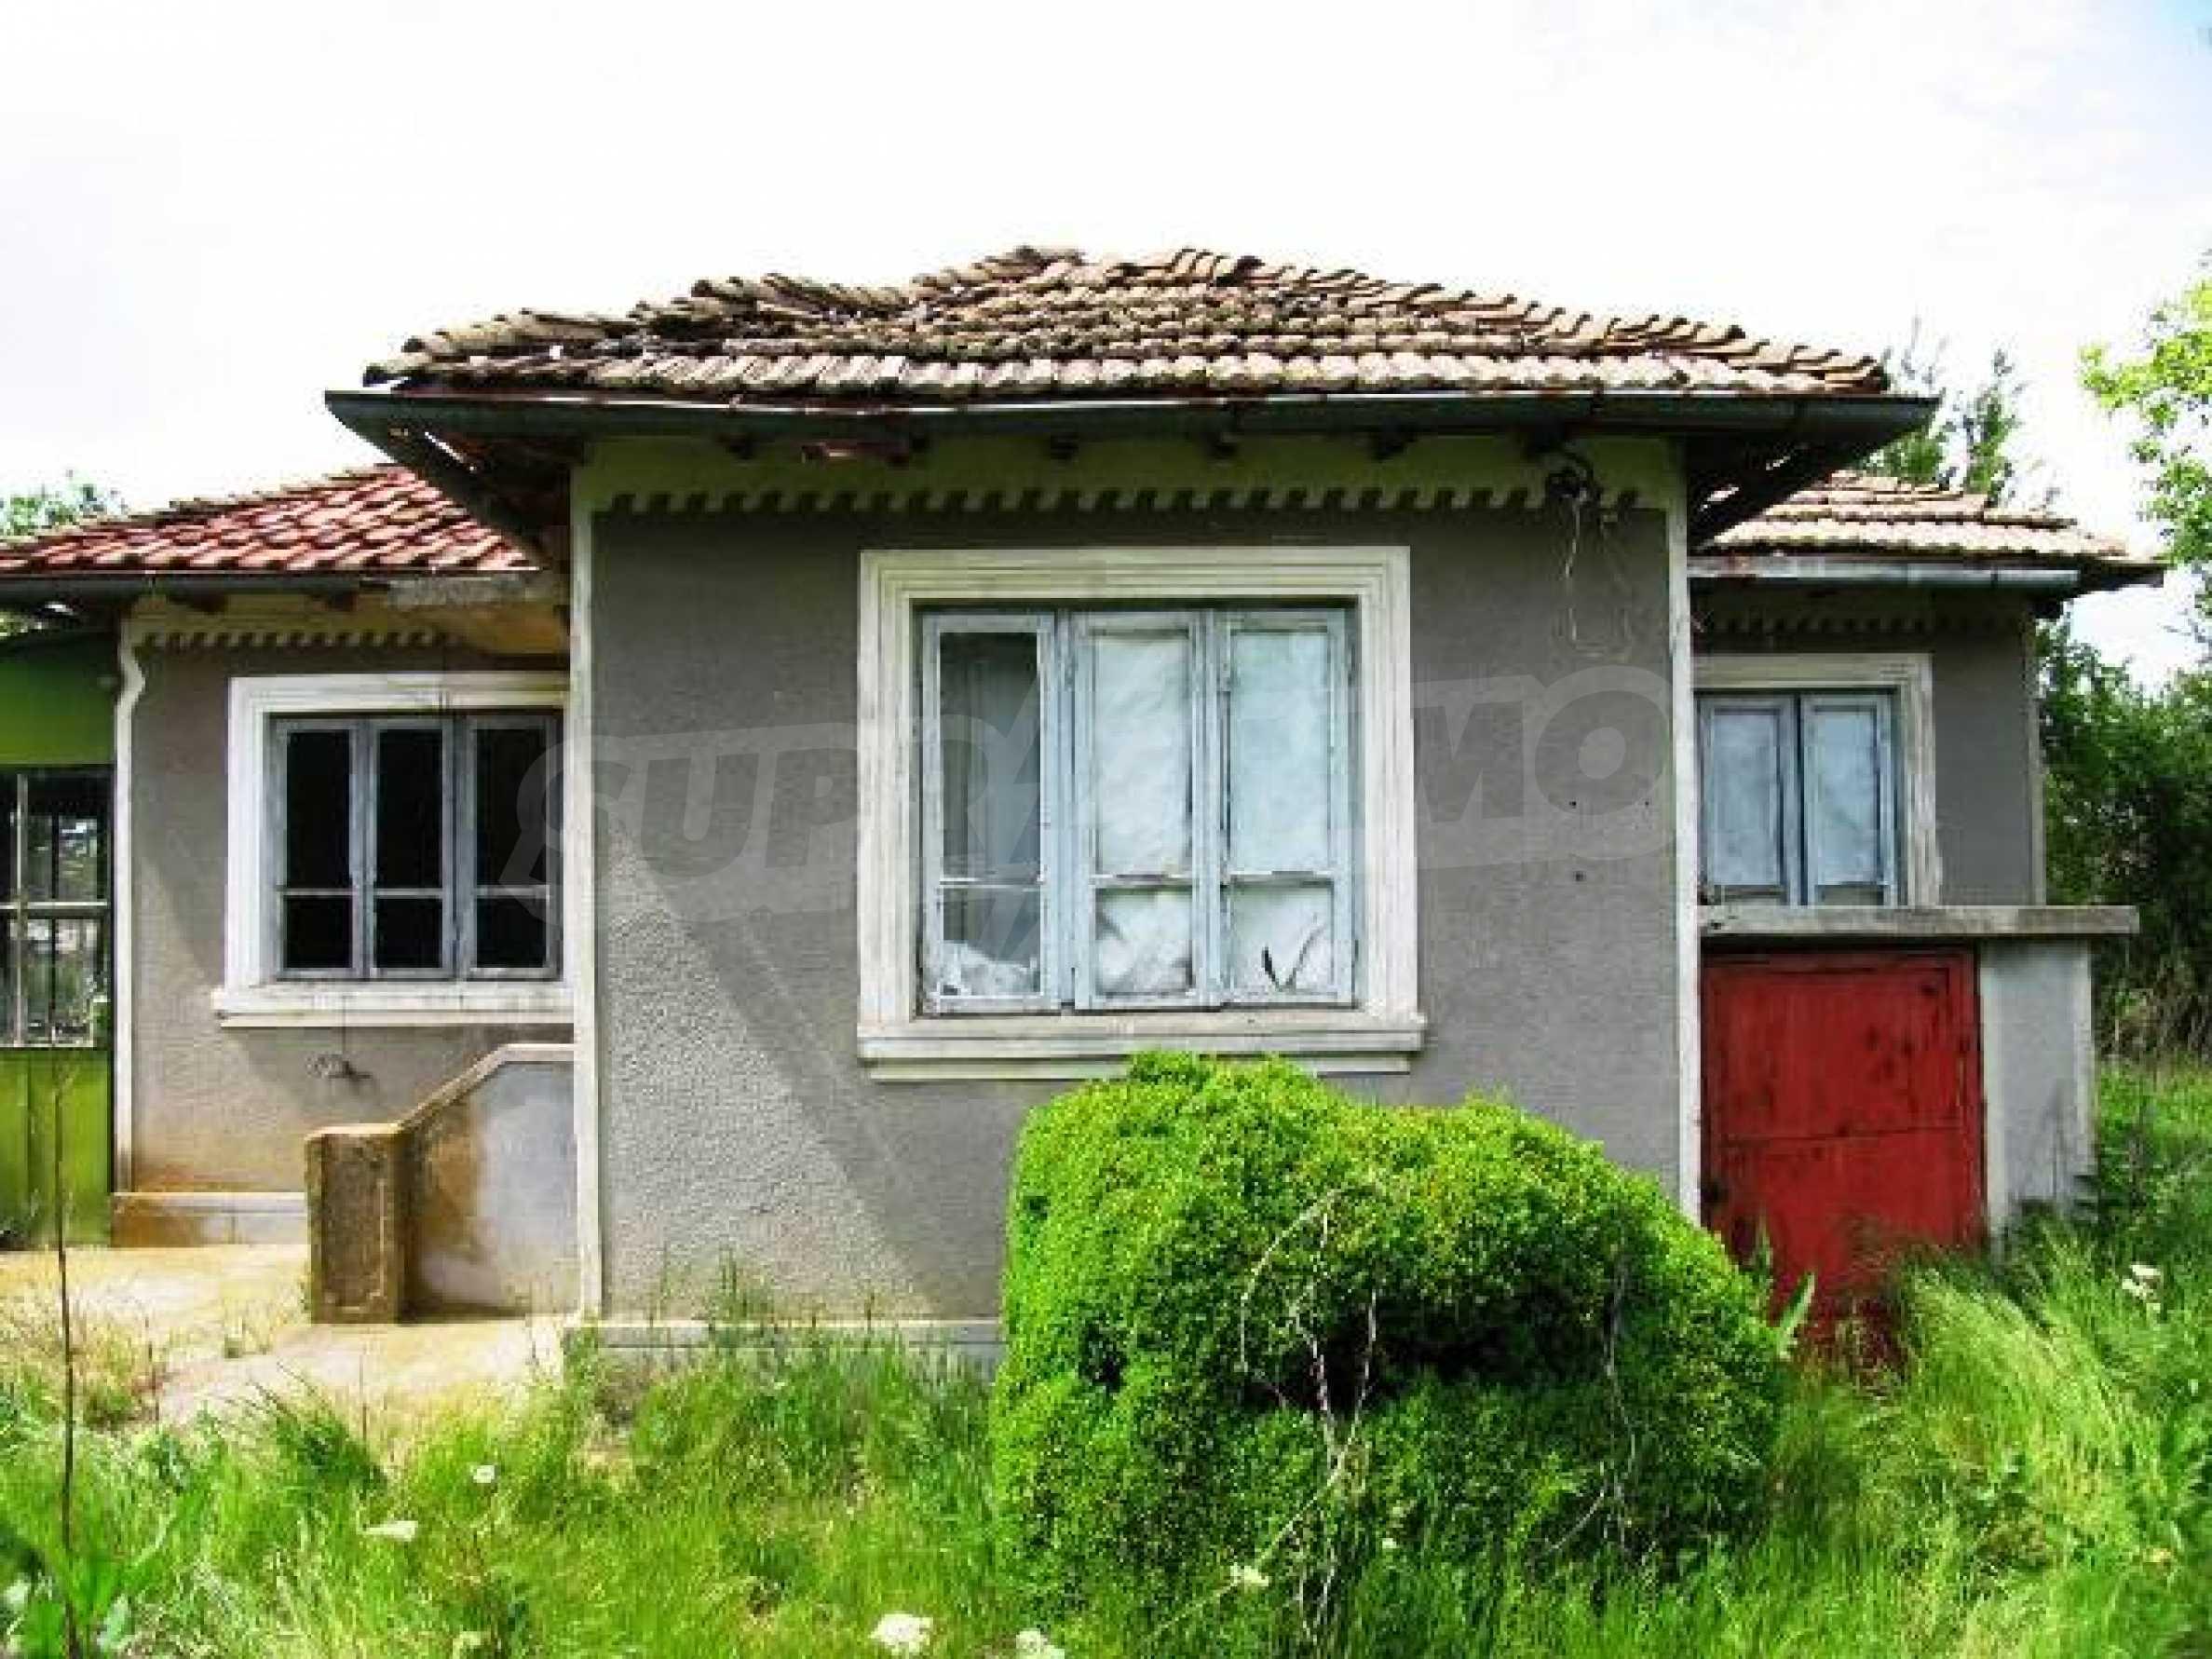 House for sale in Zementsi village near by Romanian border 7